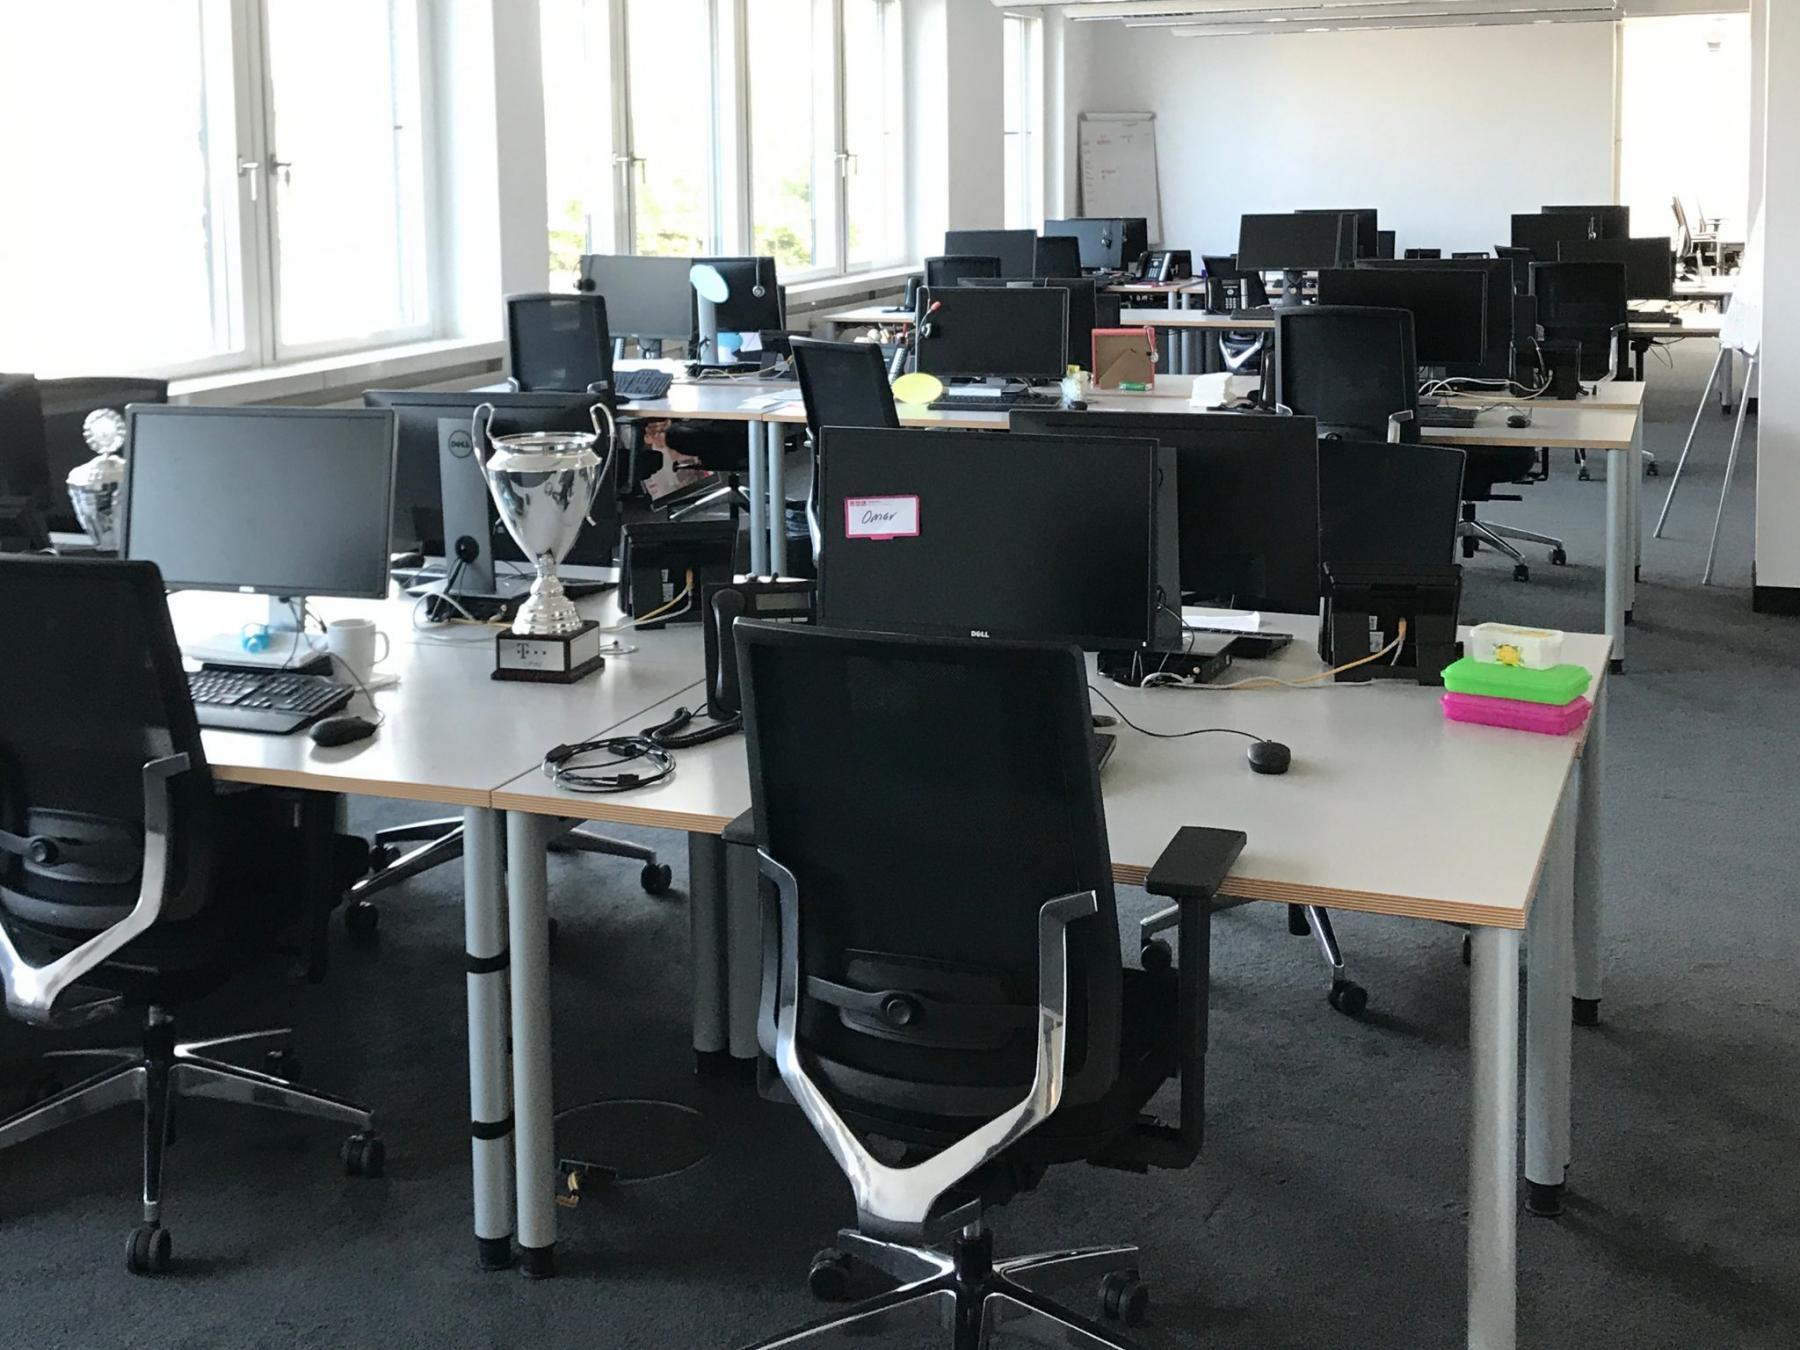 Modern eingerichtete Arbeitsplätze im offenen Bürobereich